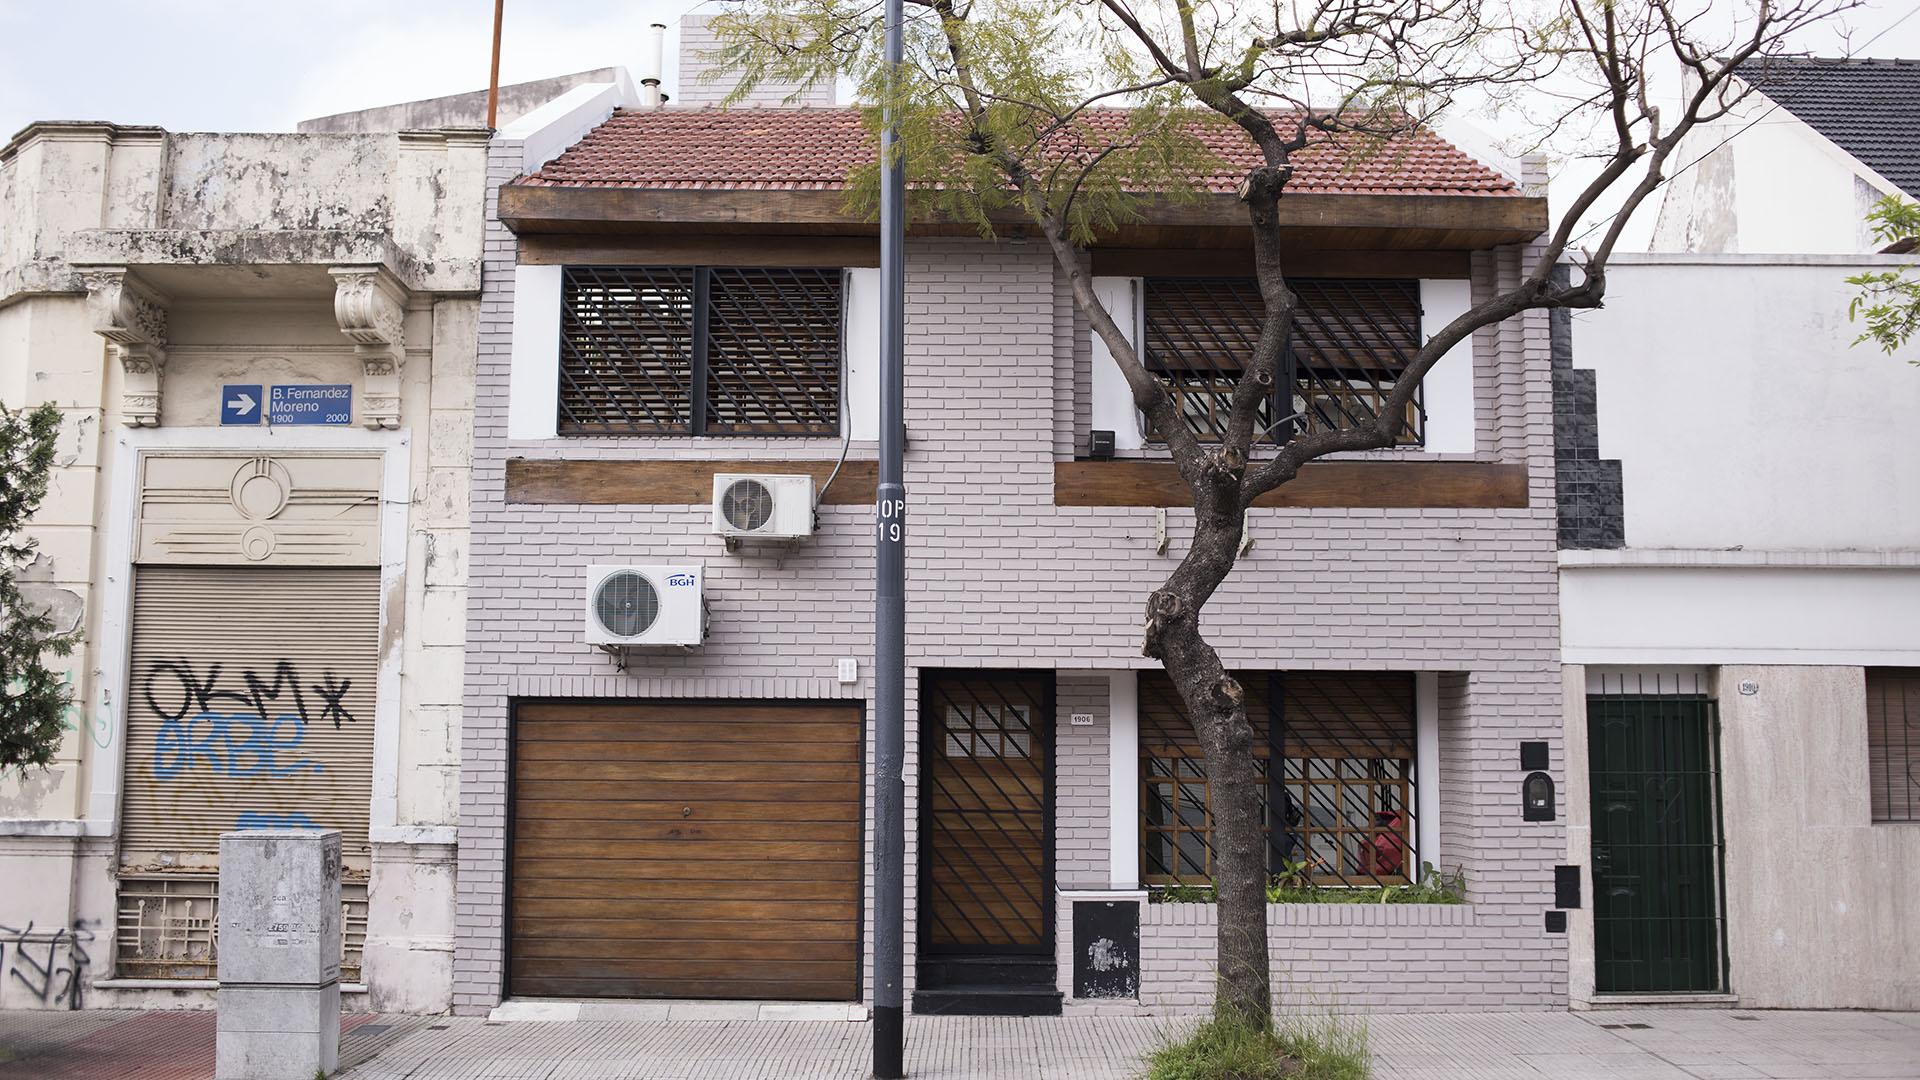 La casa de la familia Bagnato fue comprada y restaurada. (Adrián Escandar)